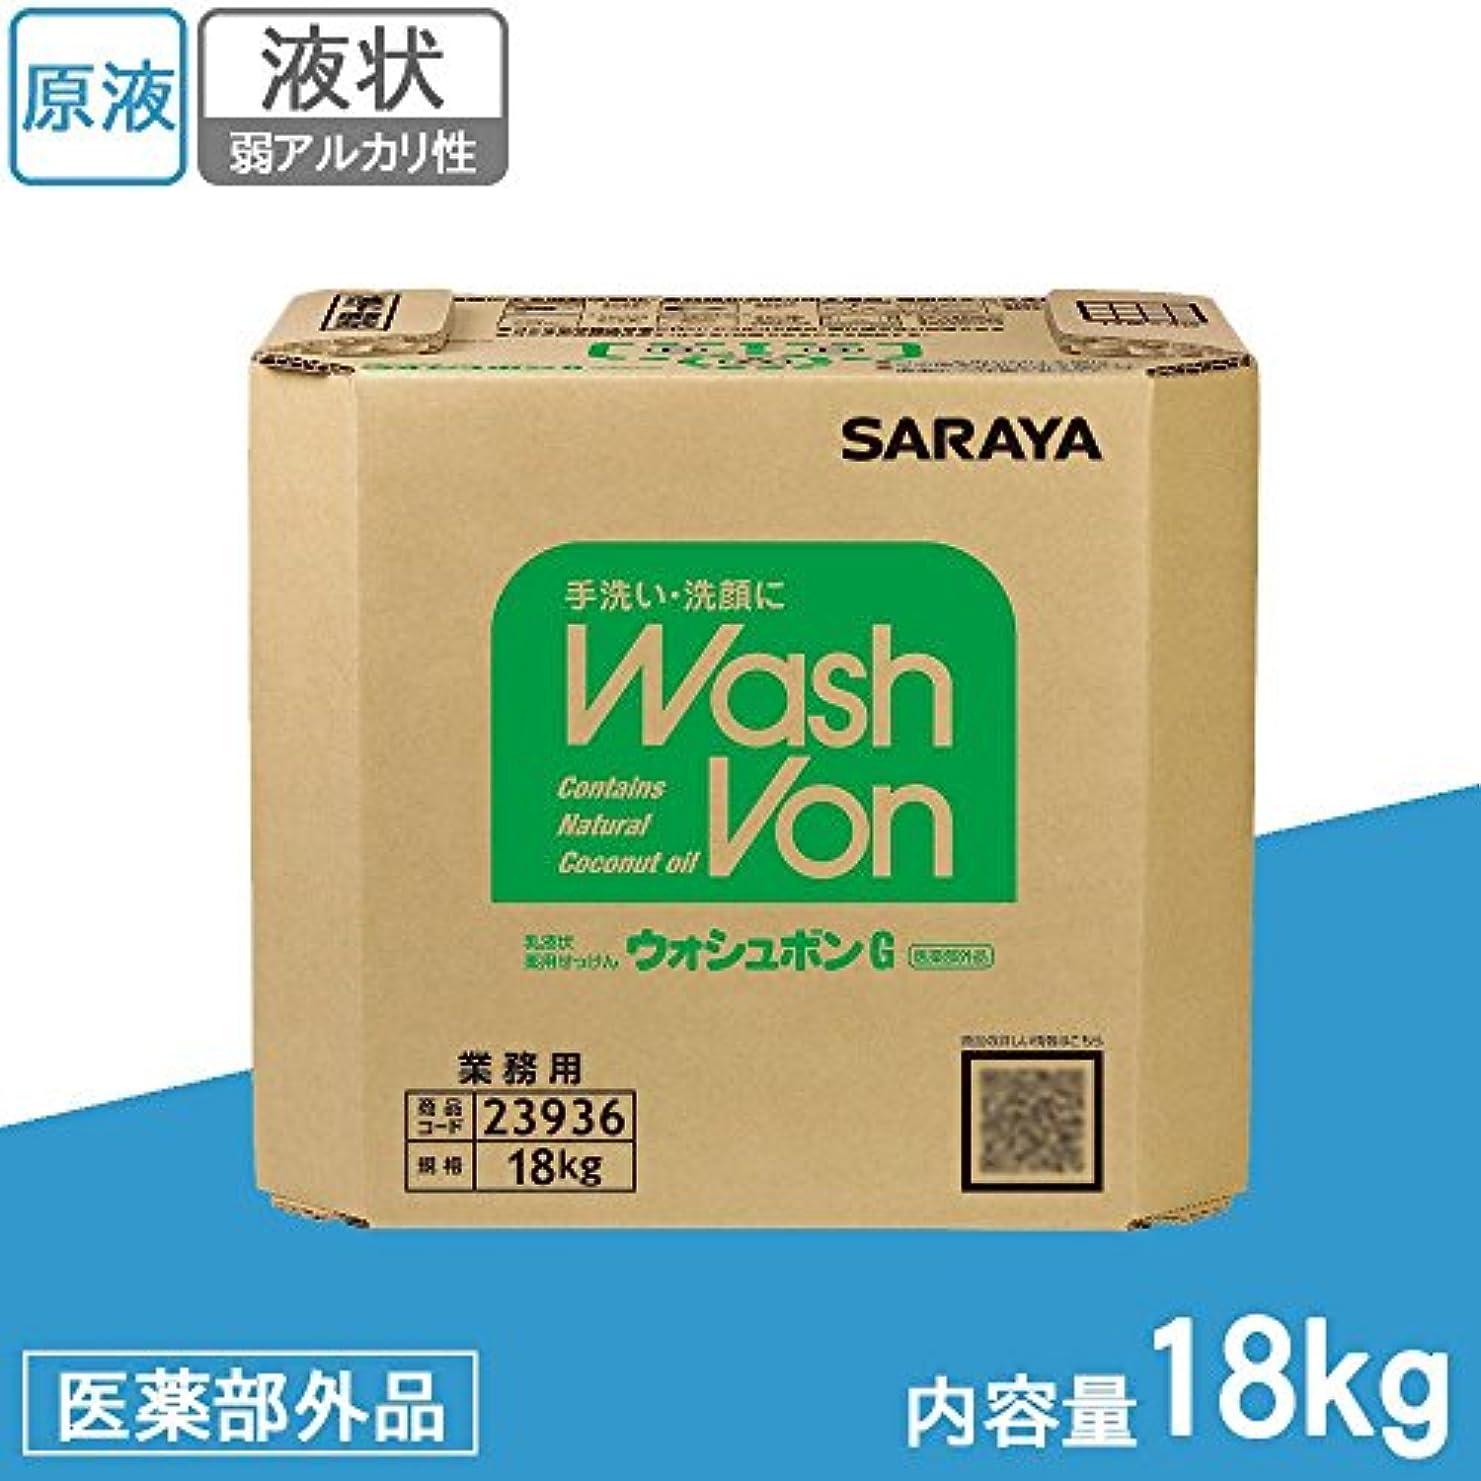 代わりに従事した質量サラヤ 業務用 乳液状薬用せっけん ウォシュボンG 18kg BIB 23936 (医薬部外品)